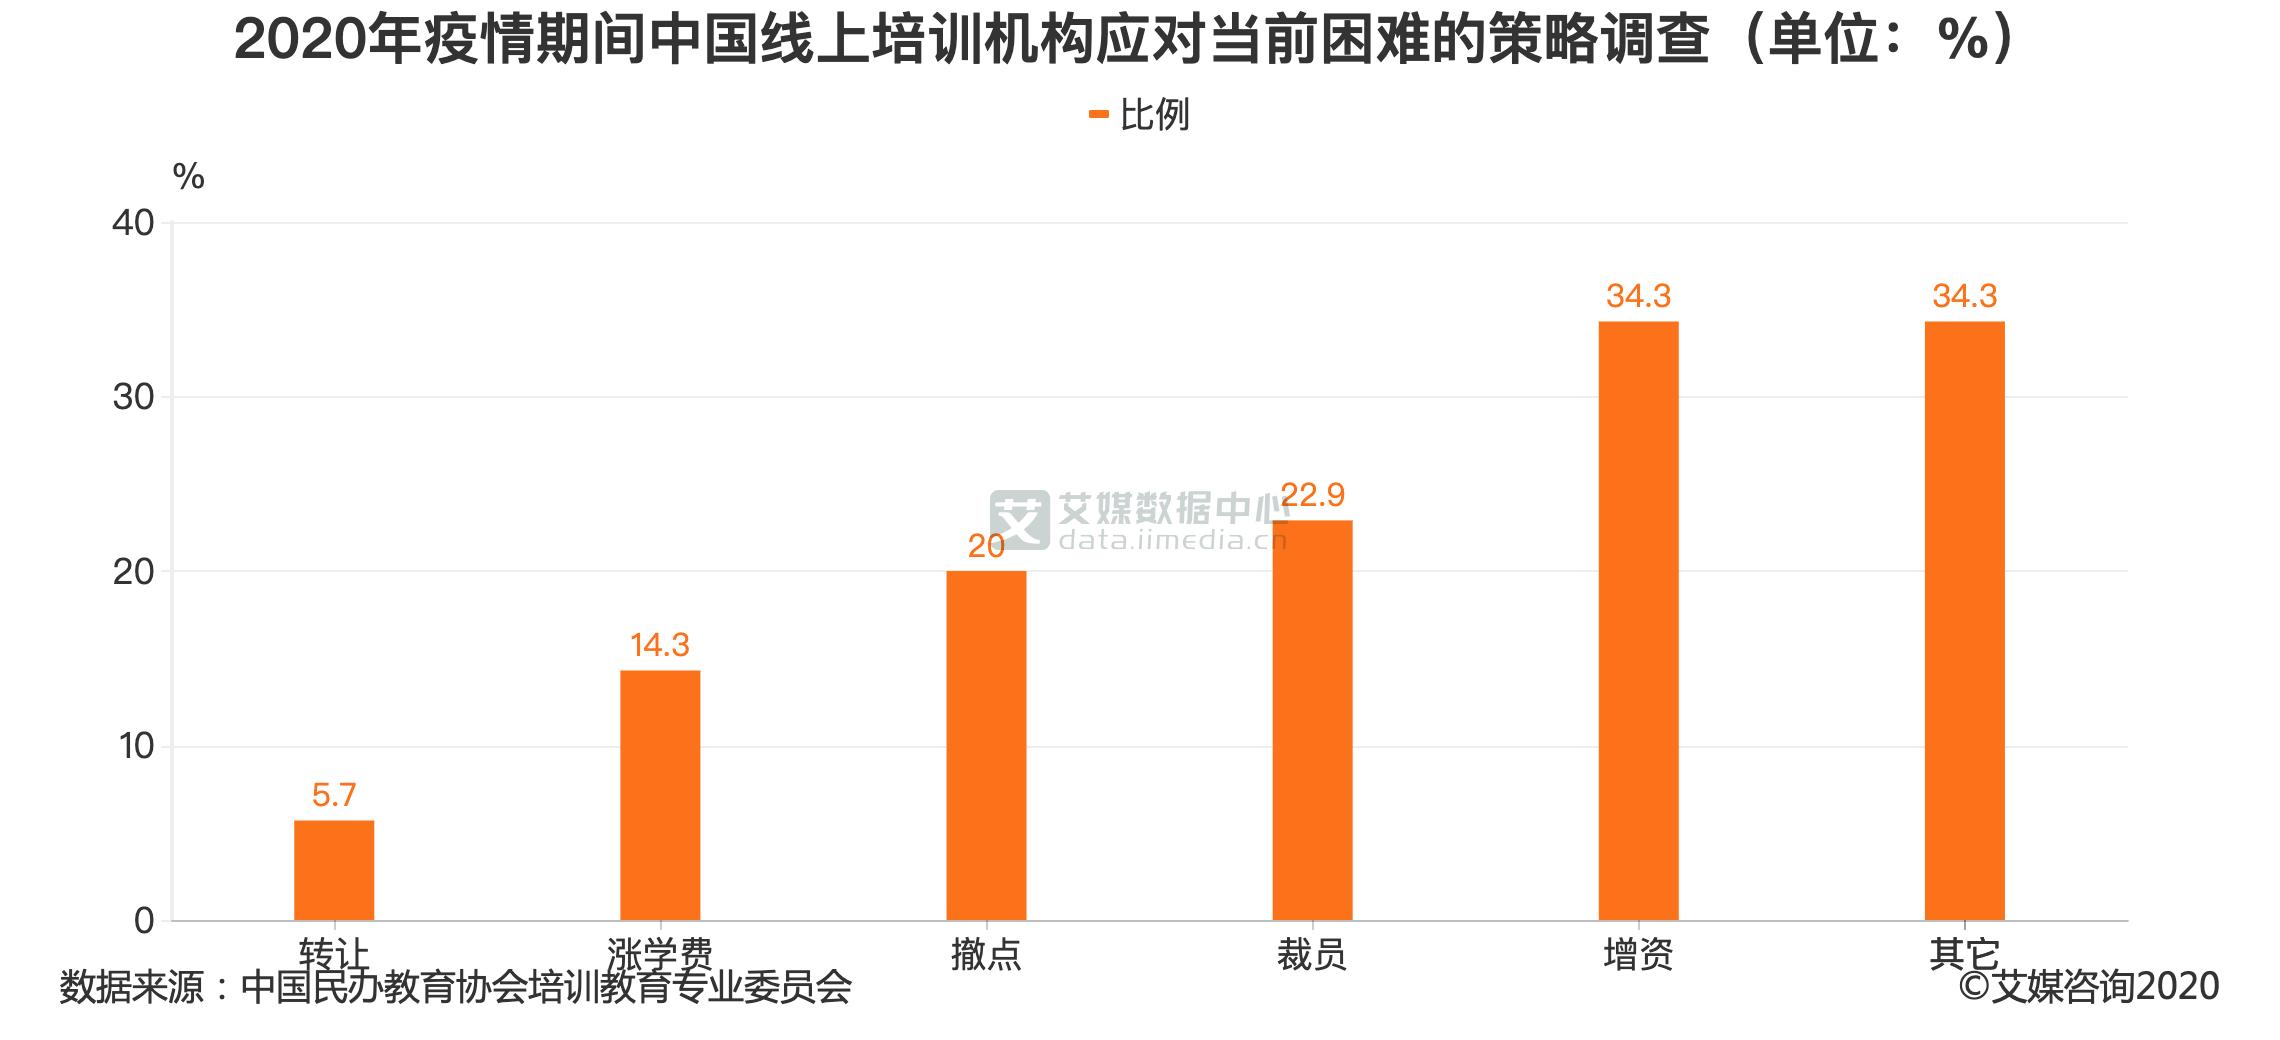 2020年疫情期间中国线上培训机构应对当前困难的策略调查(单位:%)